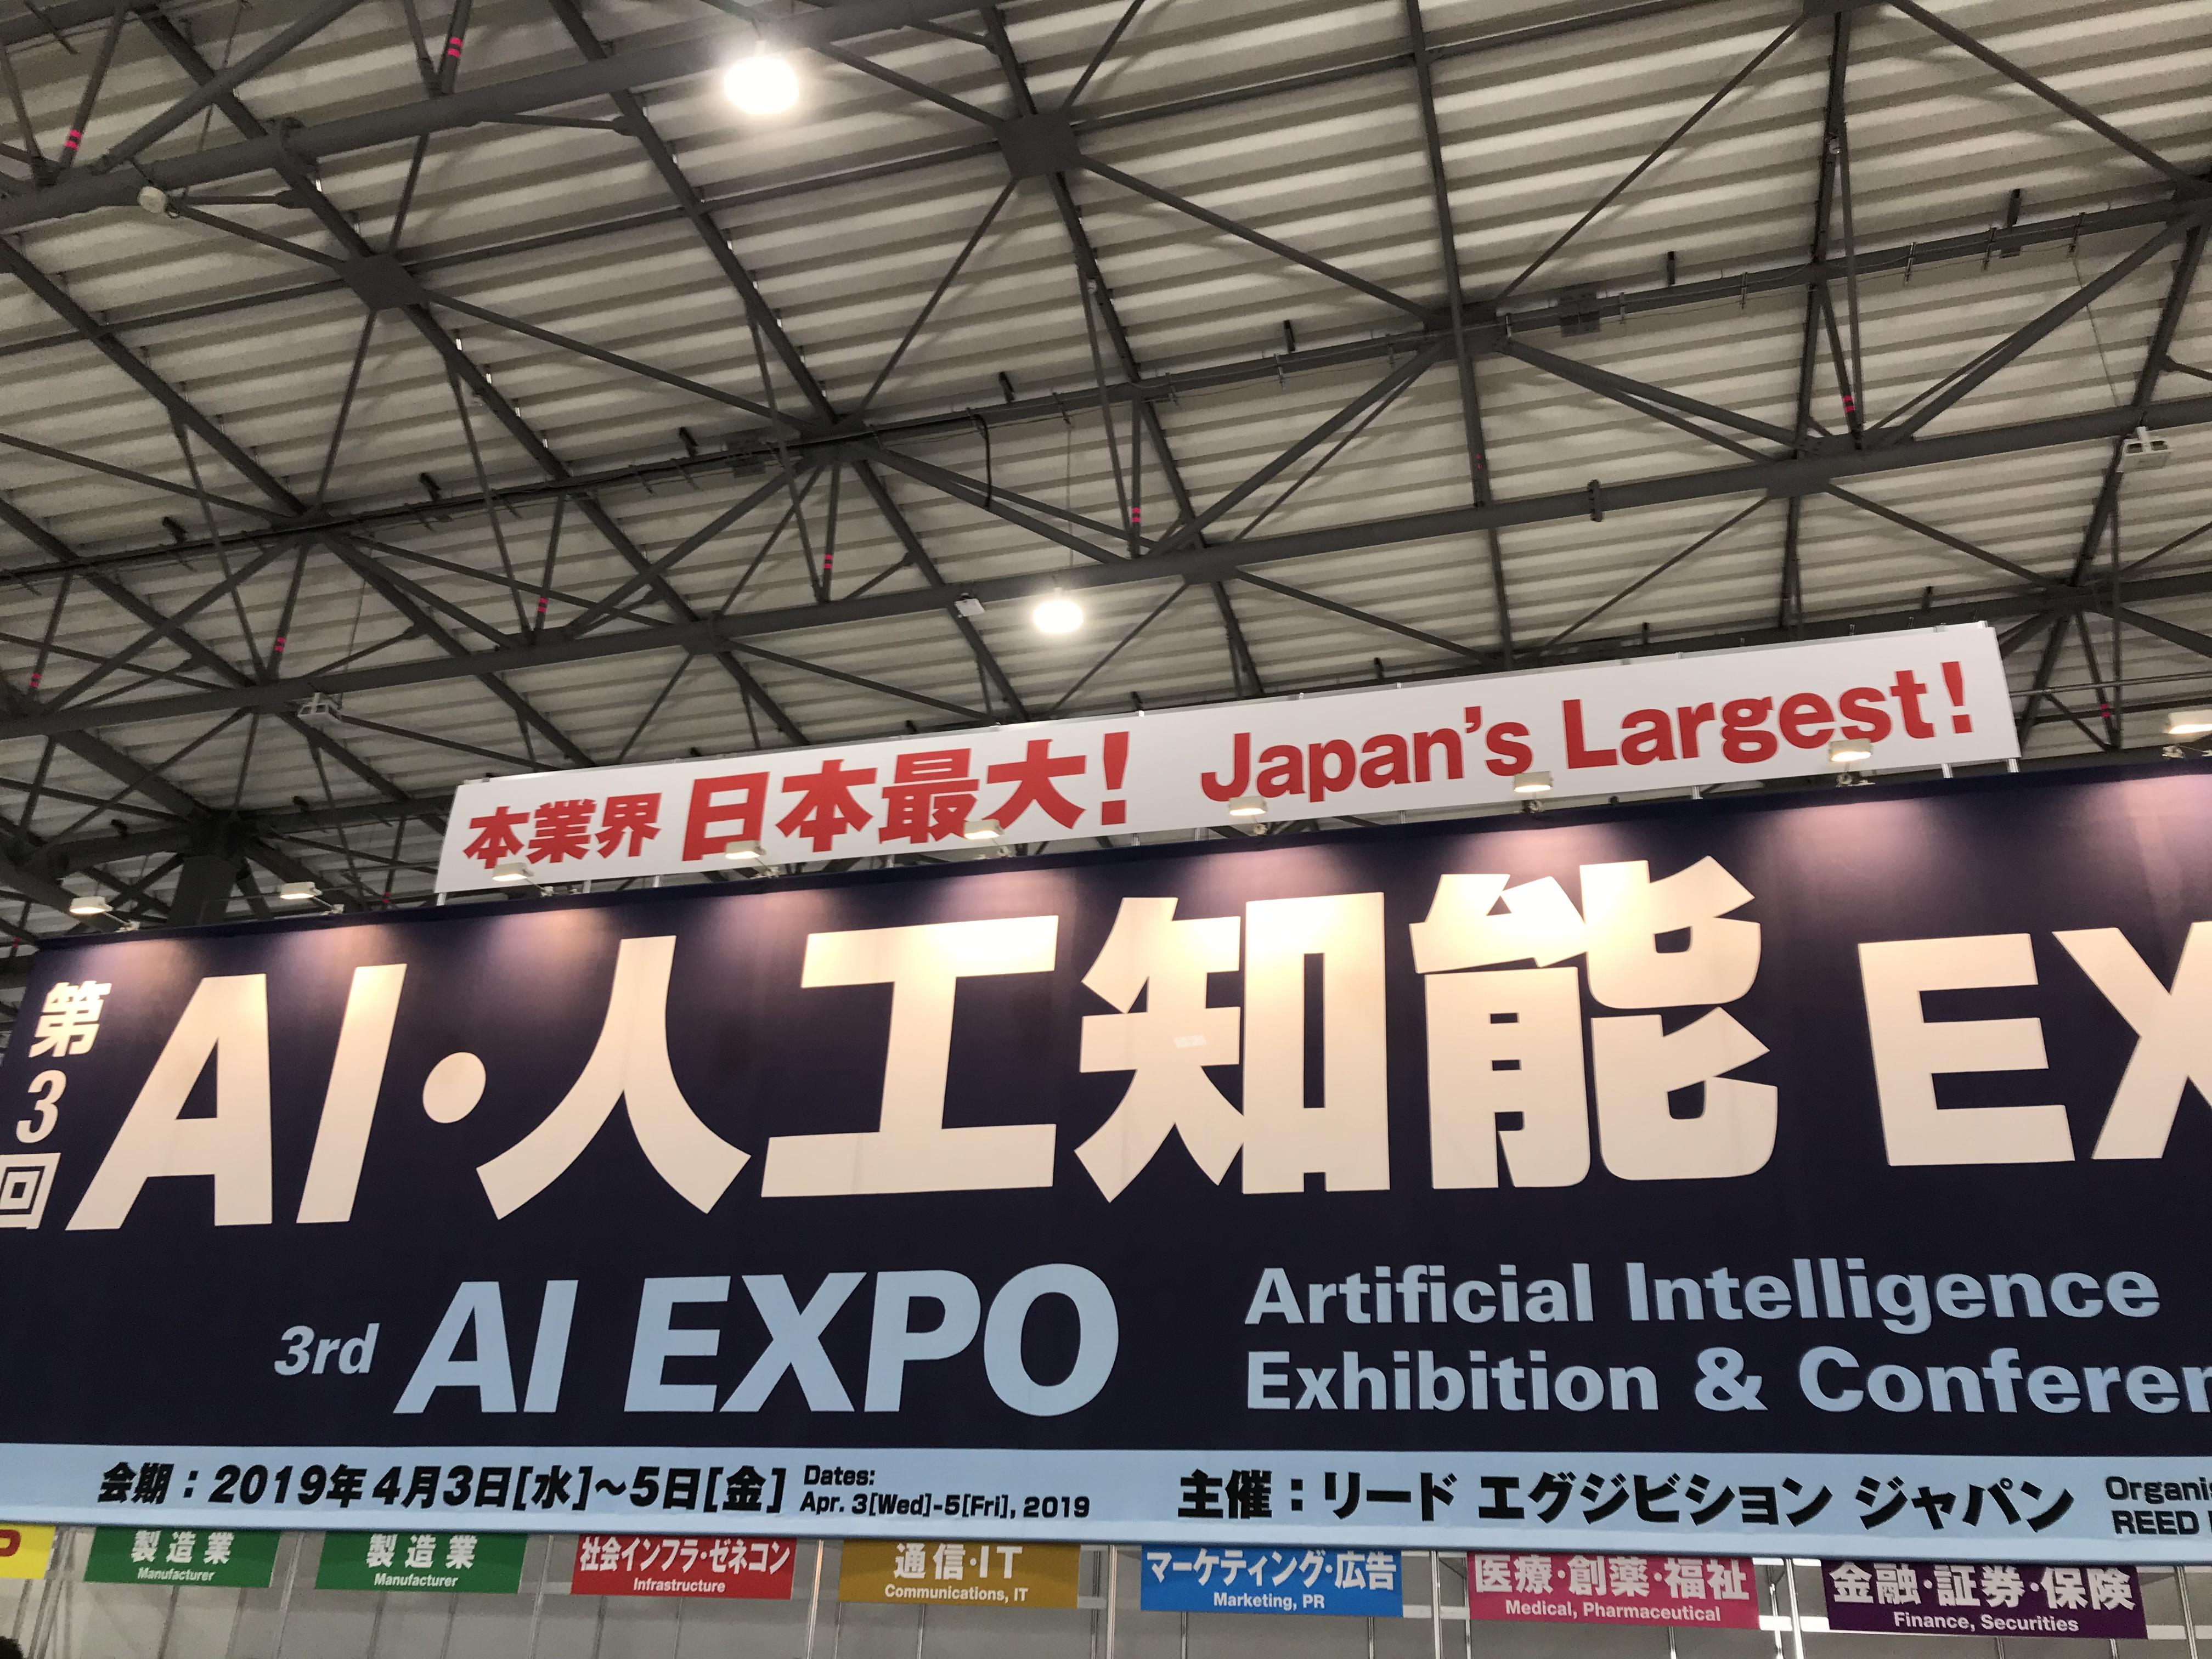 第3回 AI・人工知能 EXPO を音楽関連に絞ってレビュー